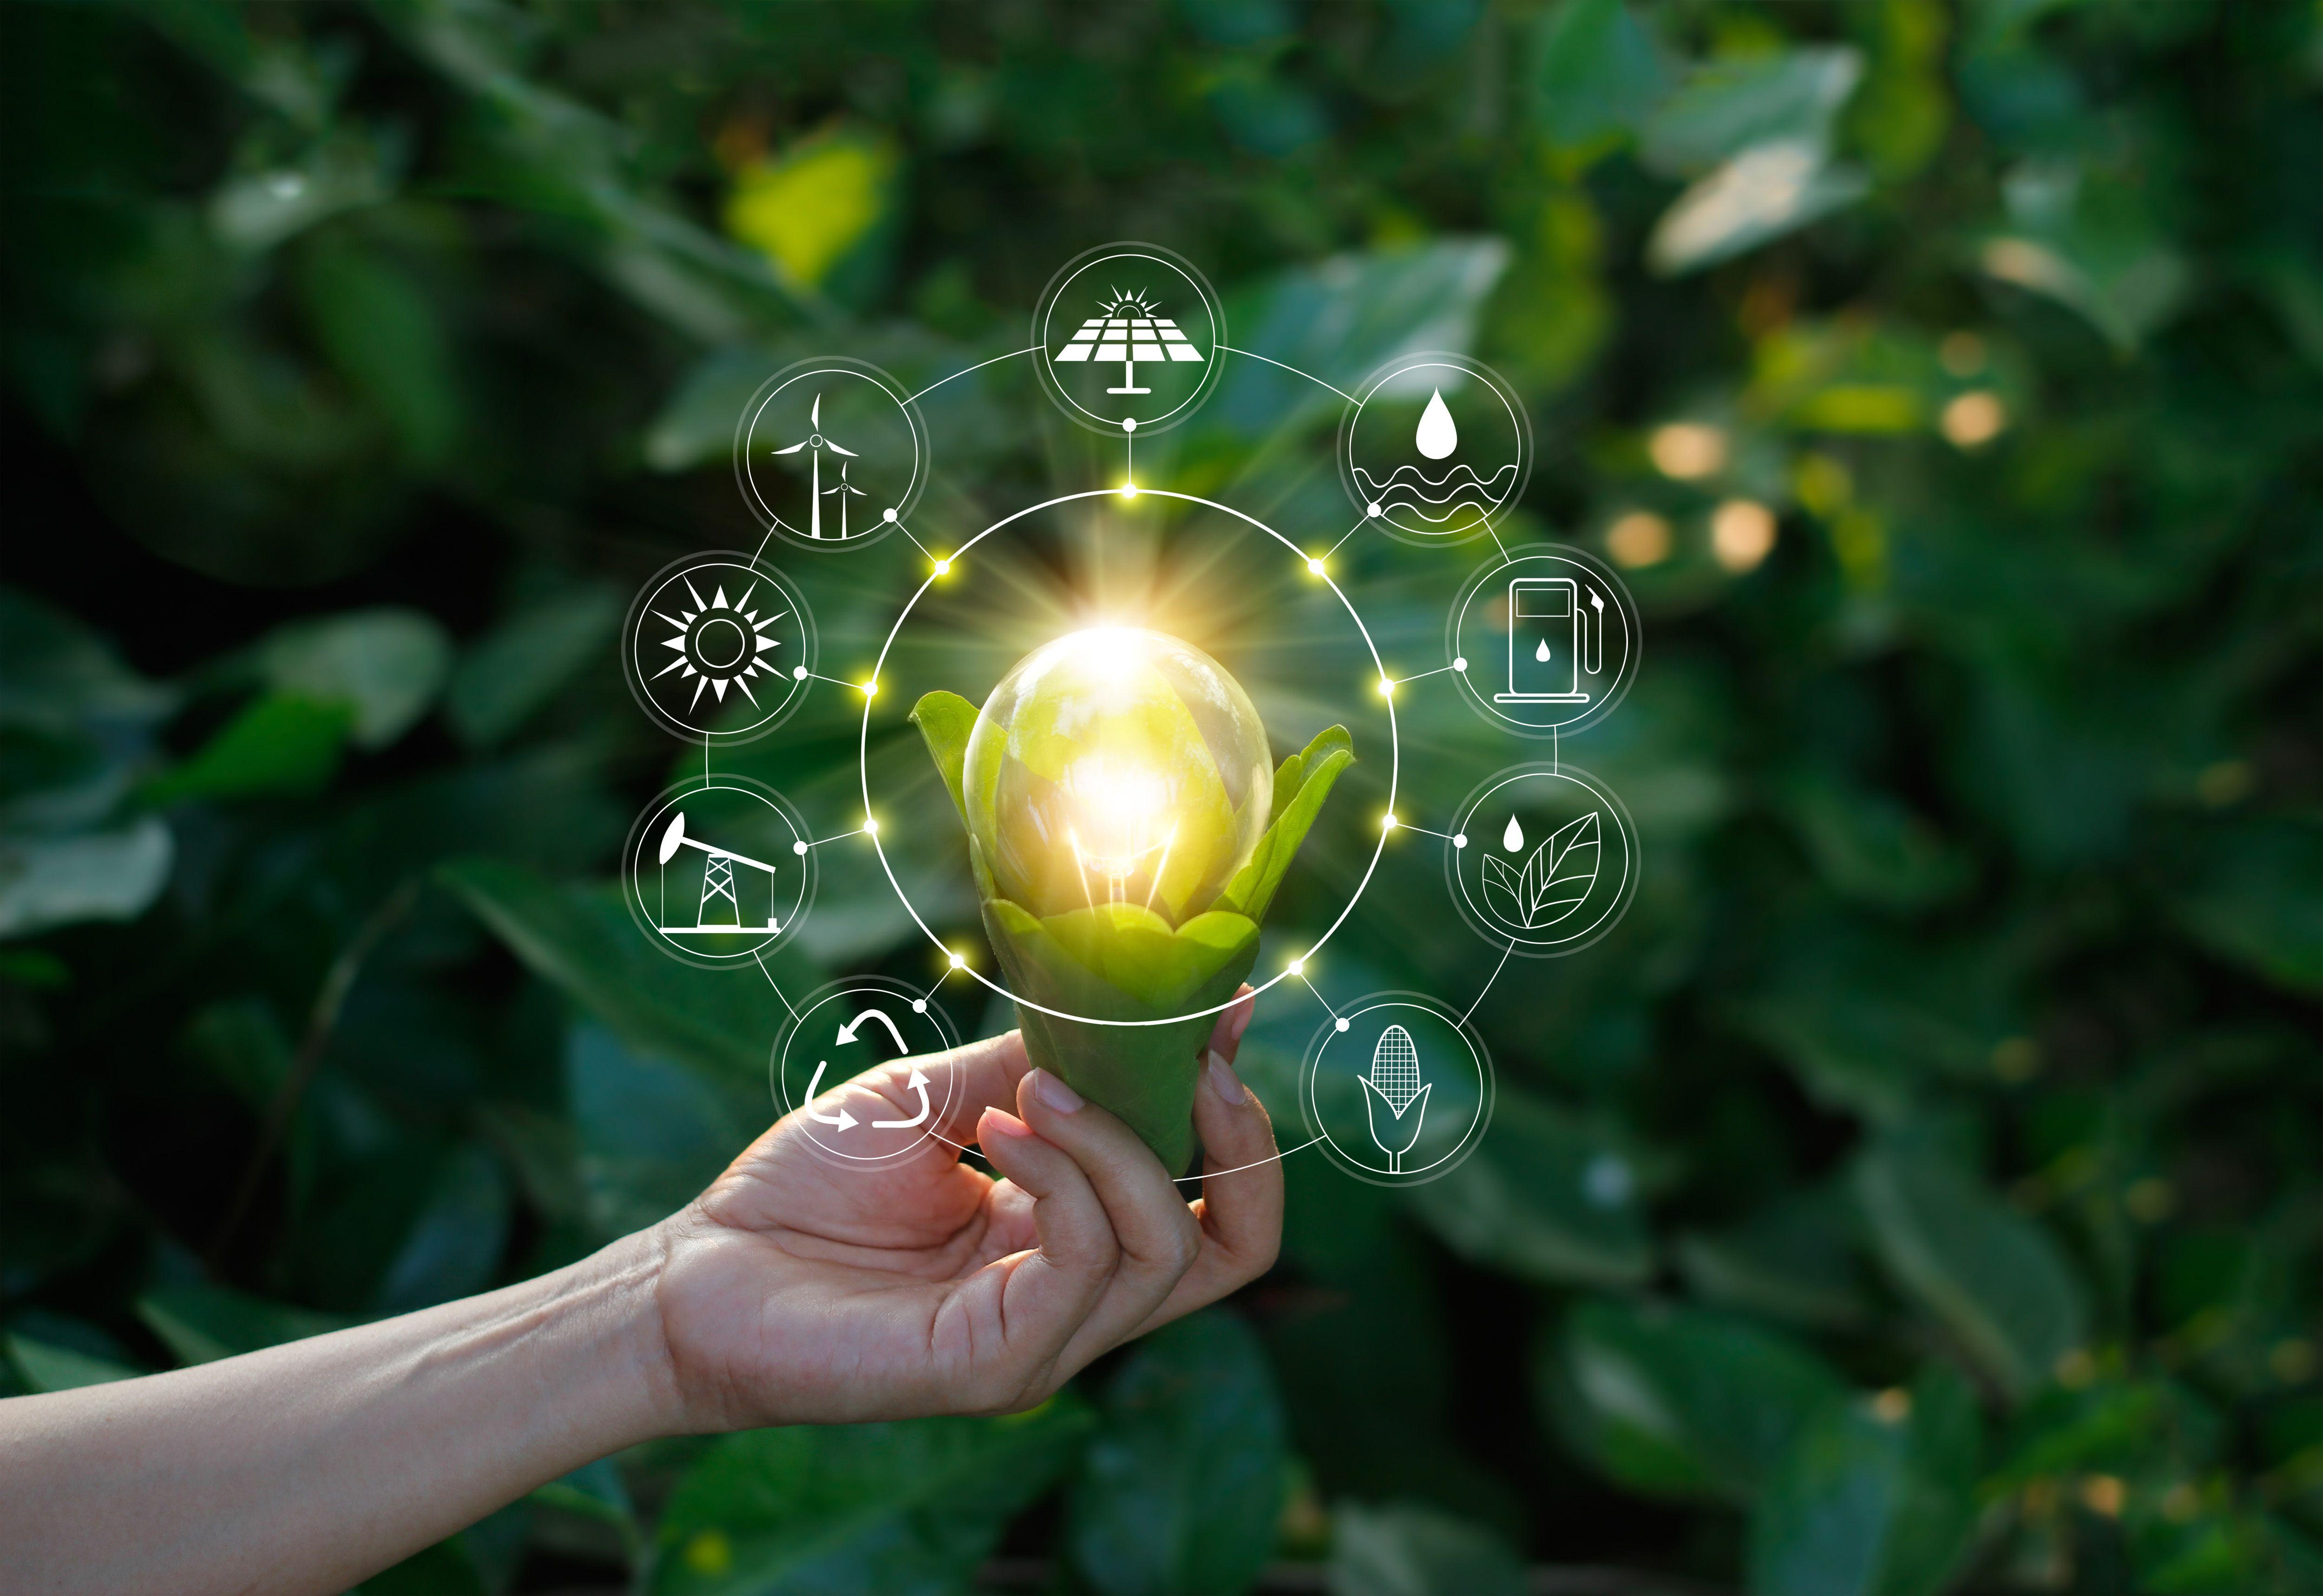 Compañia de energía renovable en Alicante